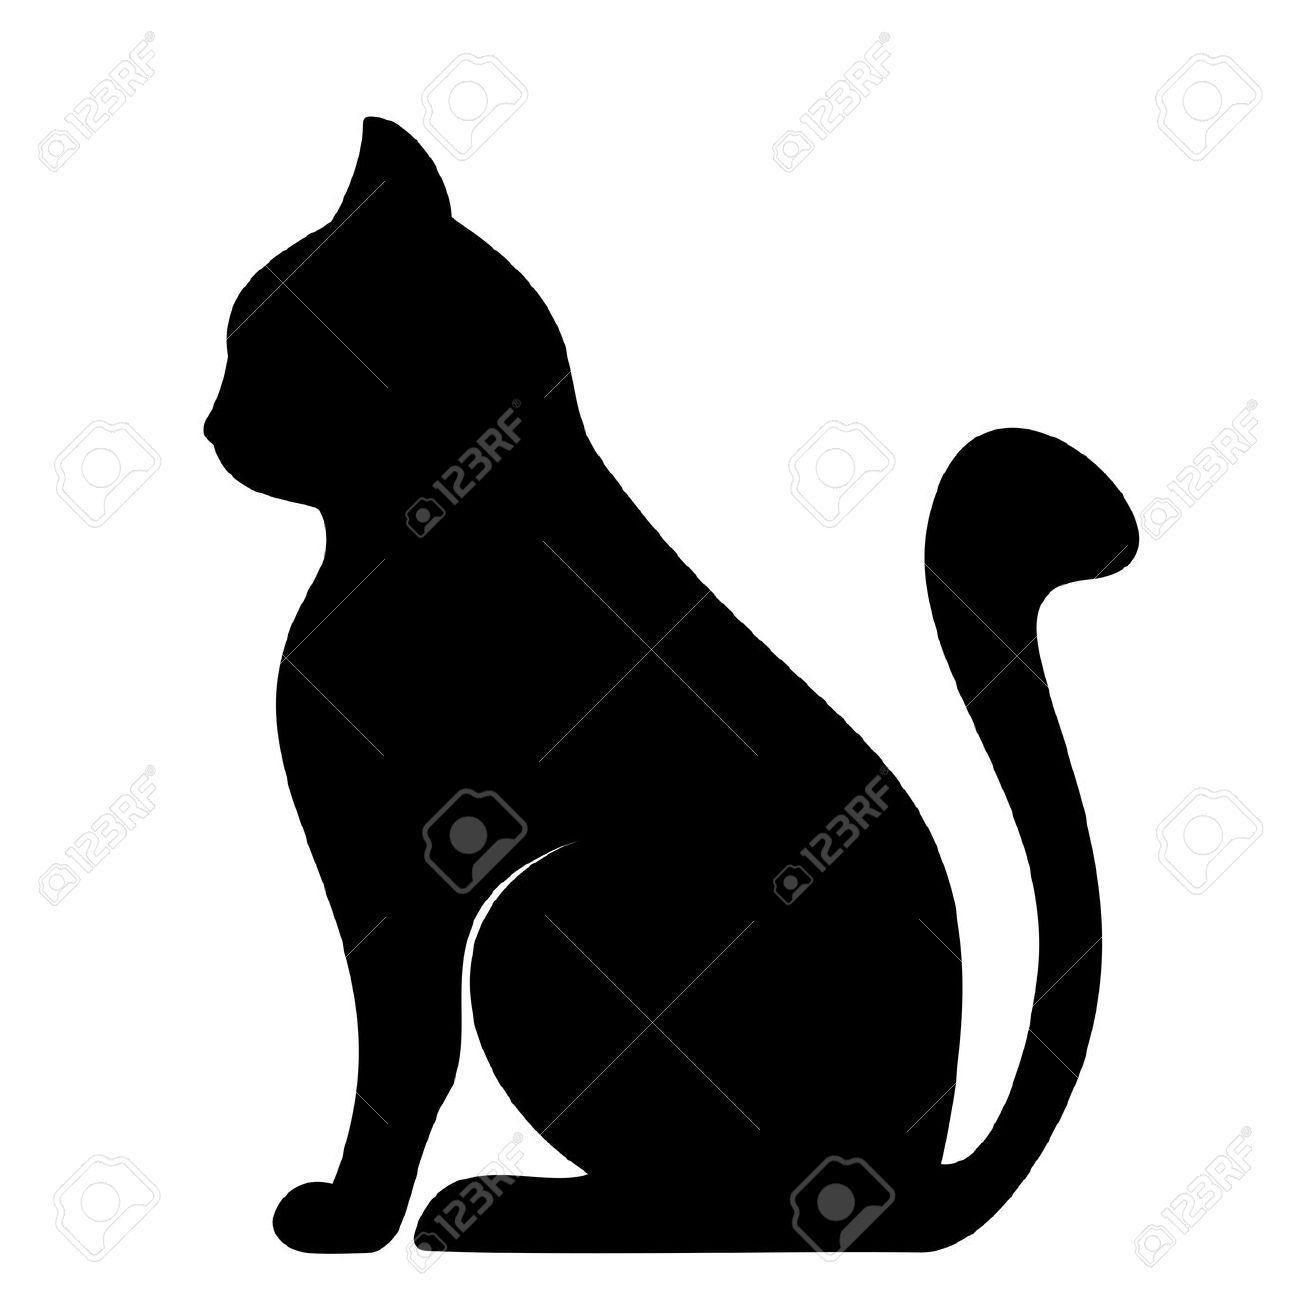 Dessin de chat noir galerie tatouage - Tatouage silhouette chat ...